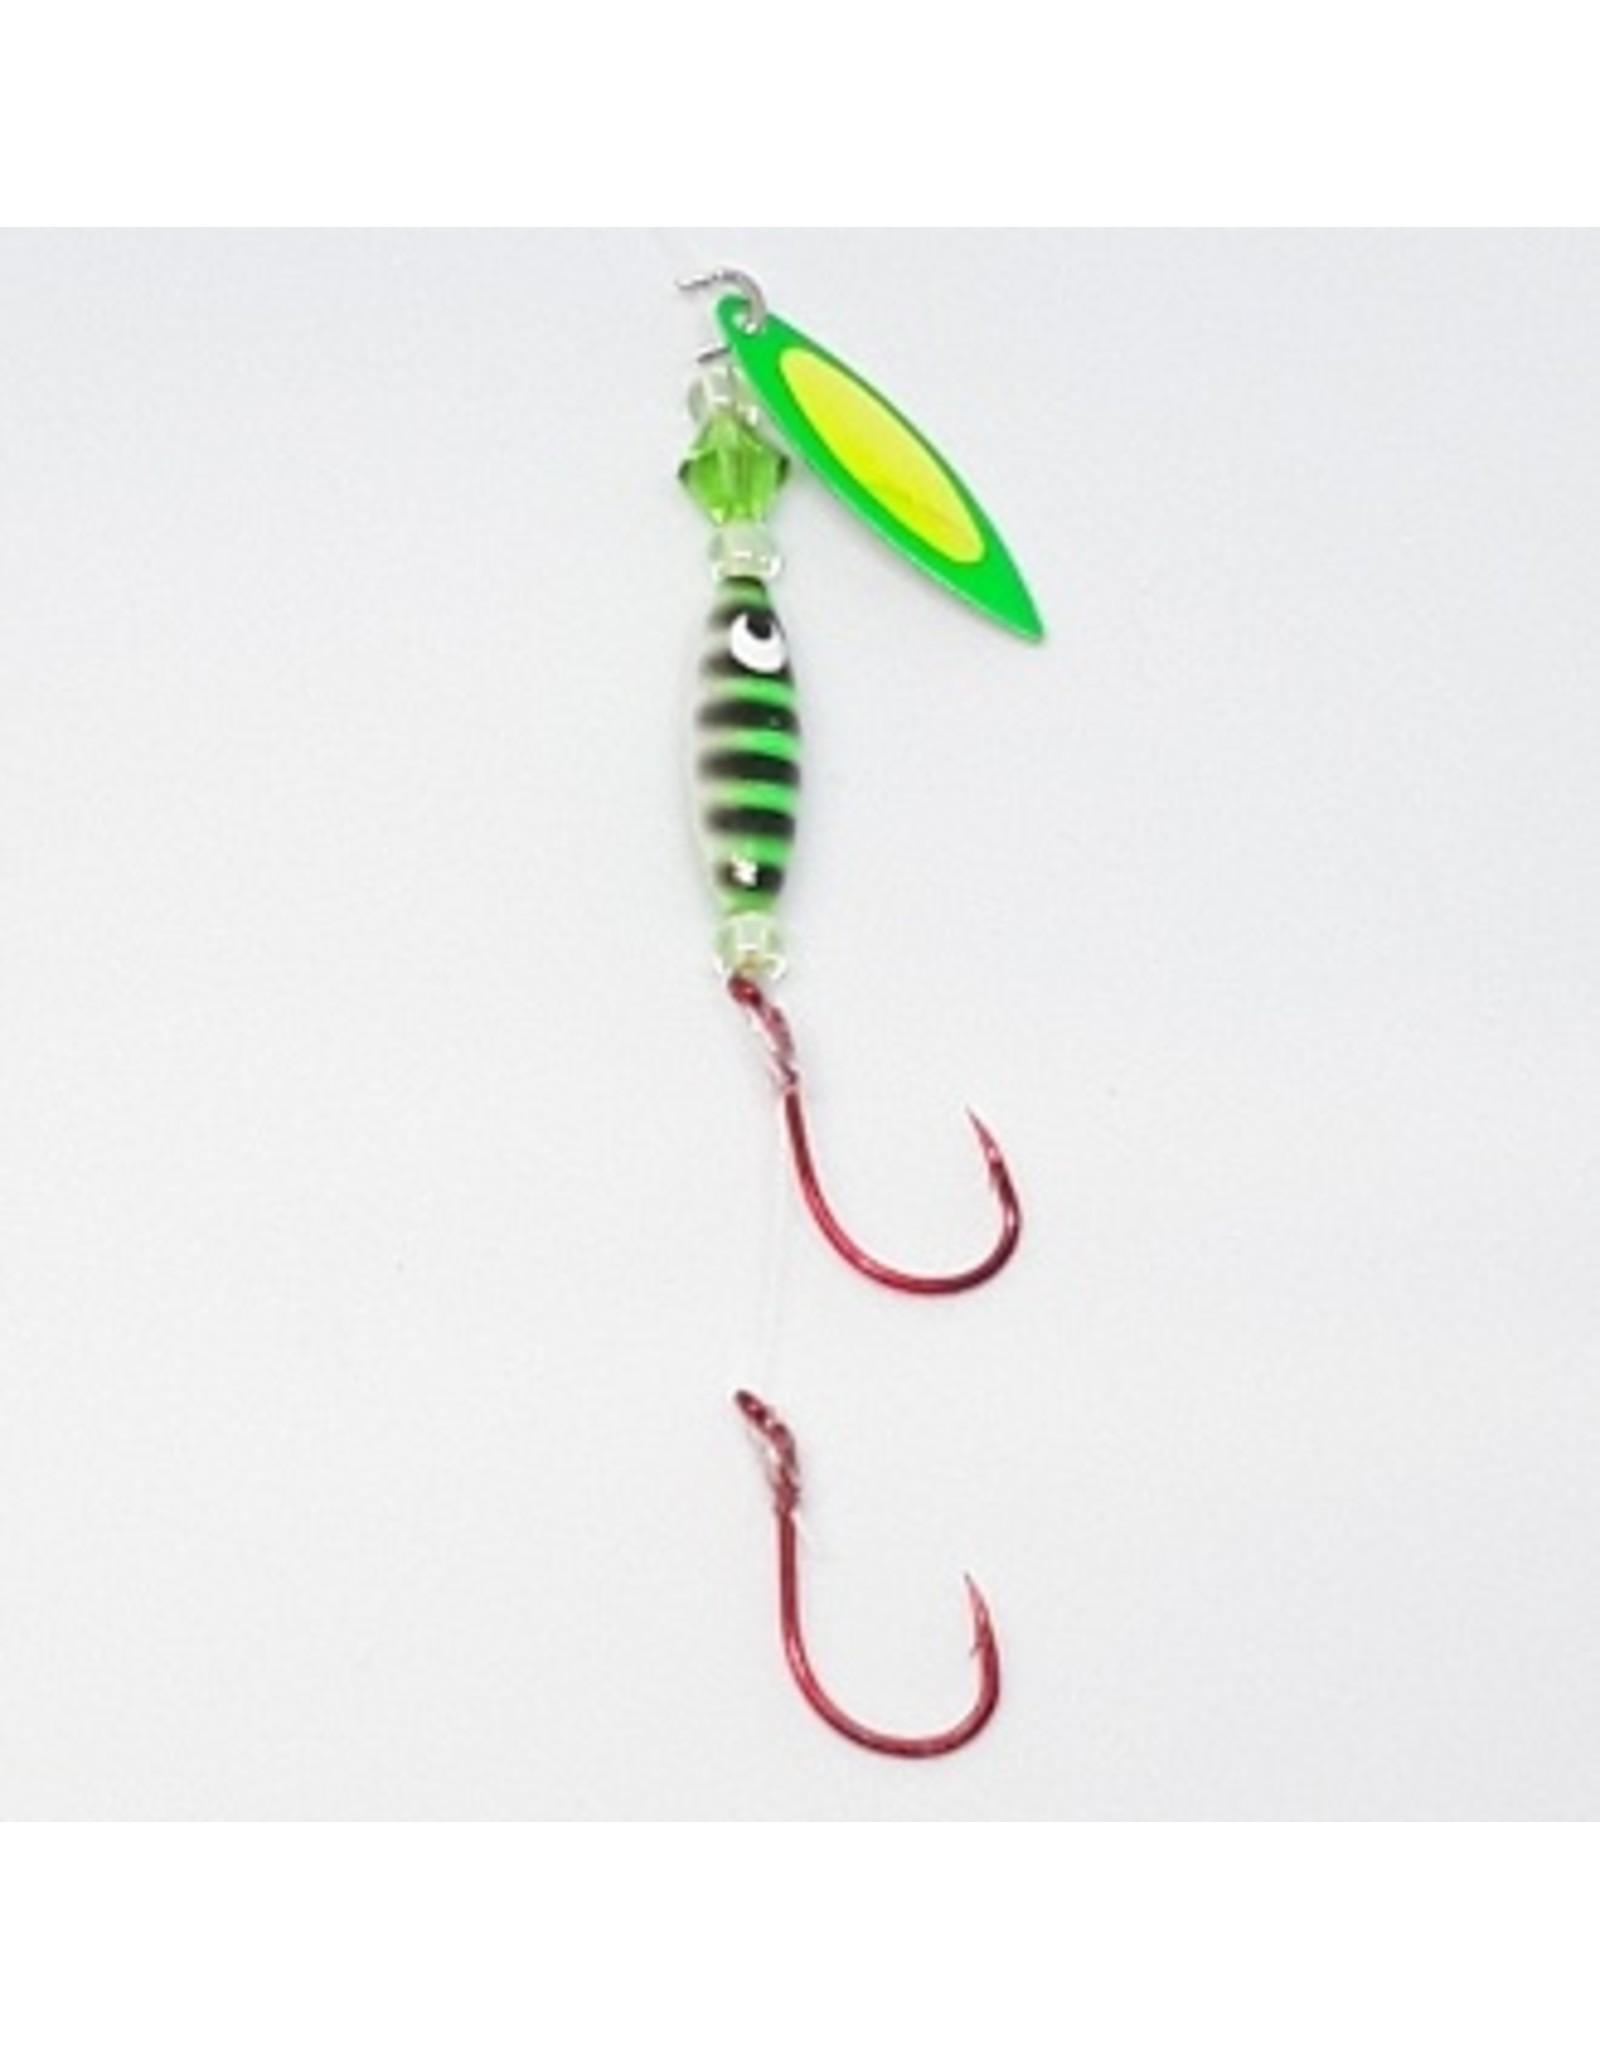 Kokabow Fishing Tackle Koka Bug - Screamin' Green